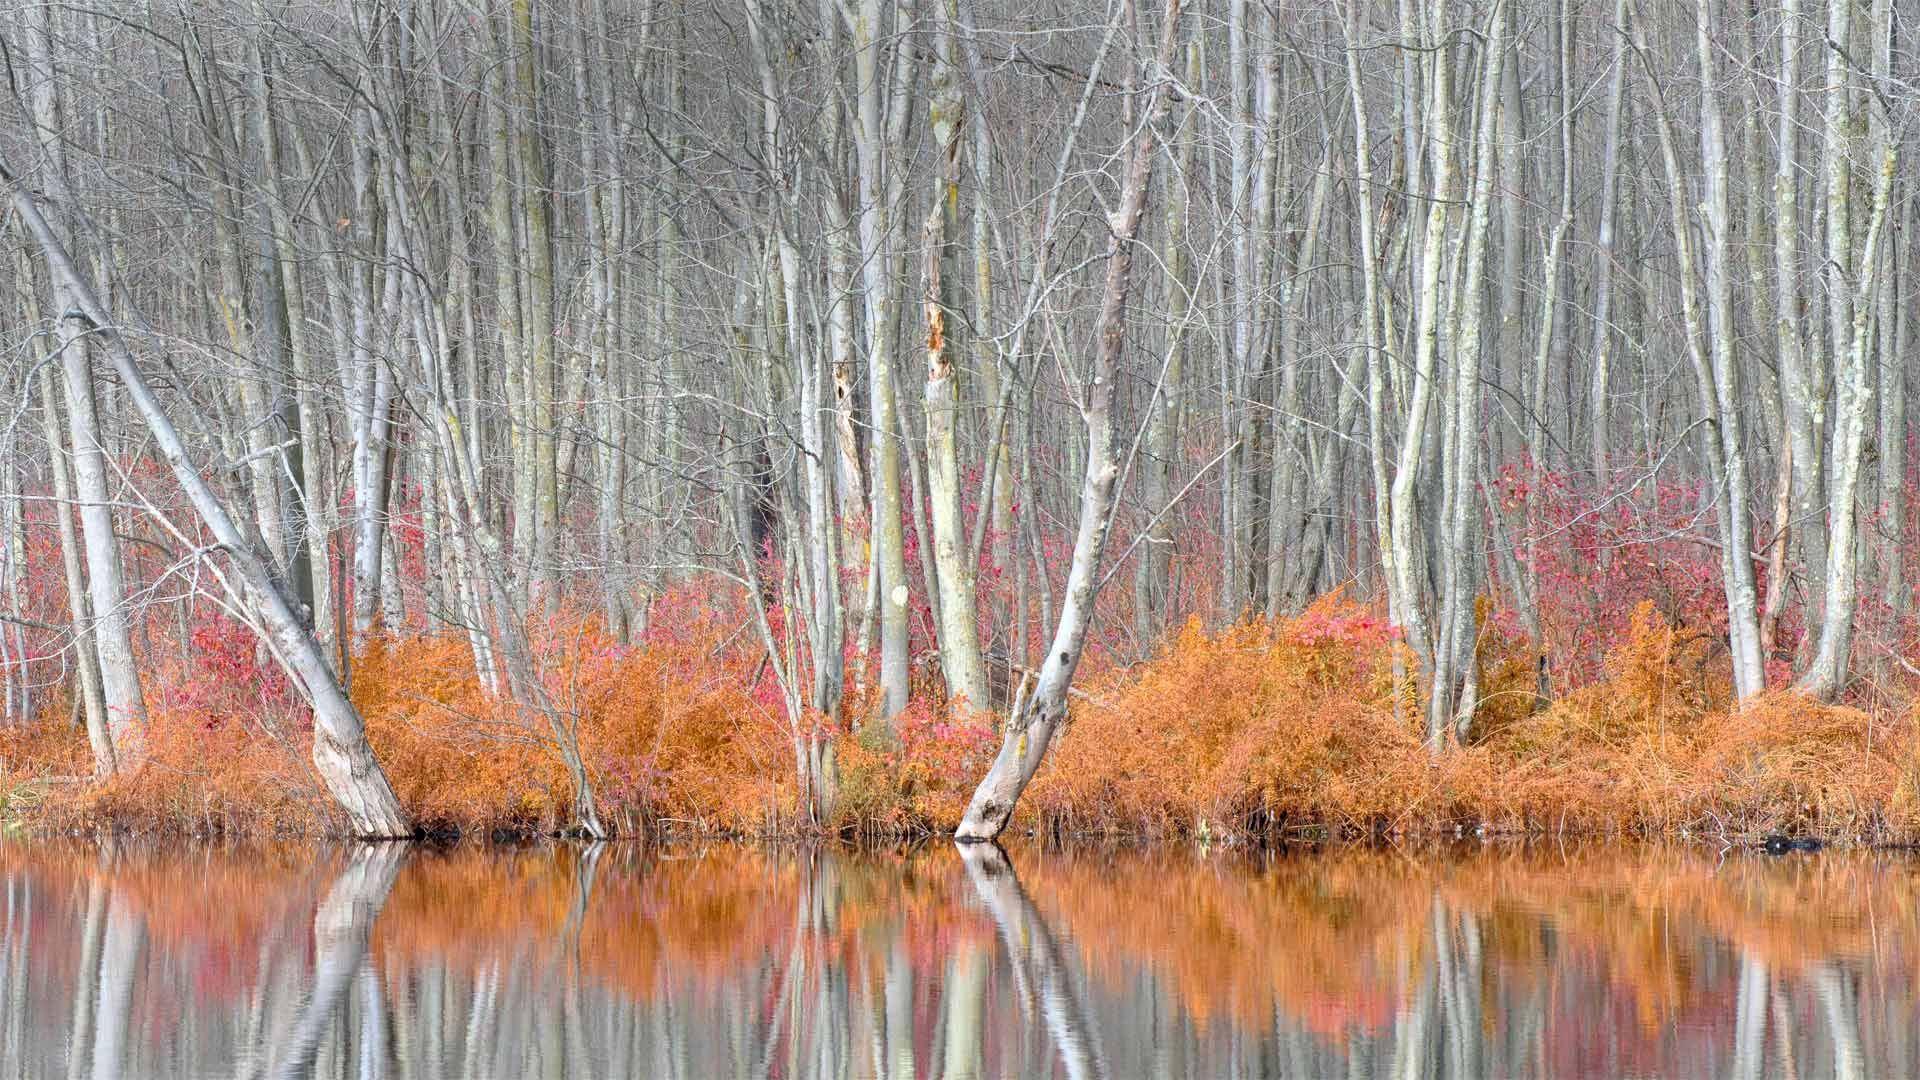 比弗湖自然中心内光秃秃的树和红盖鳞毛蕨比弗湖